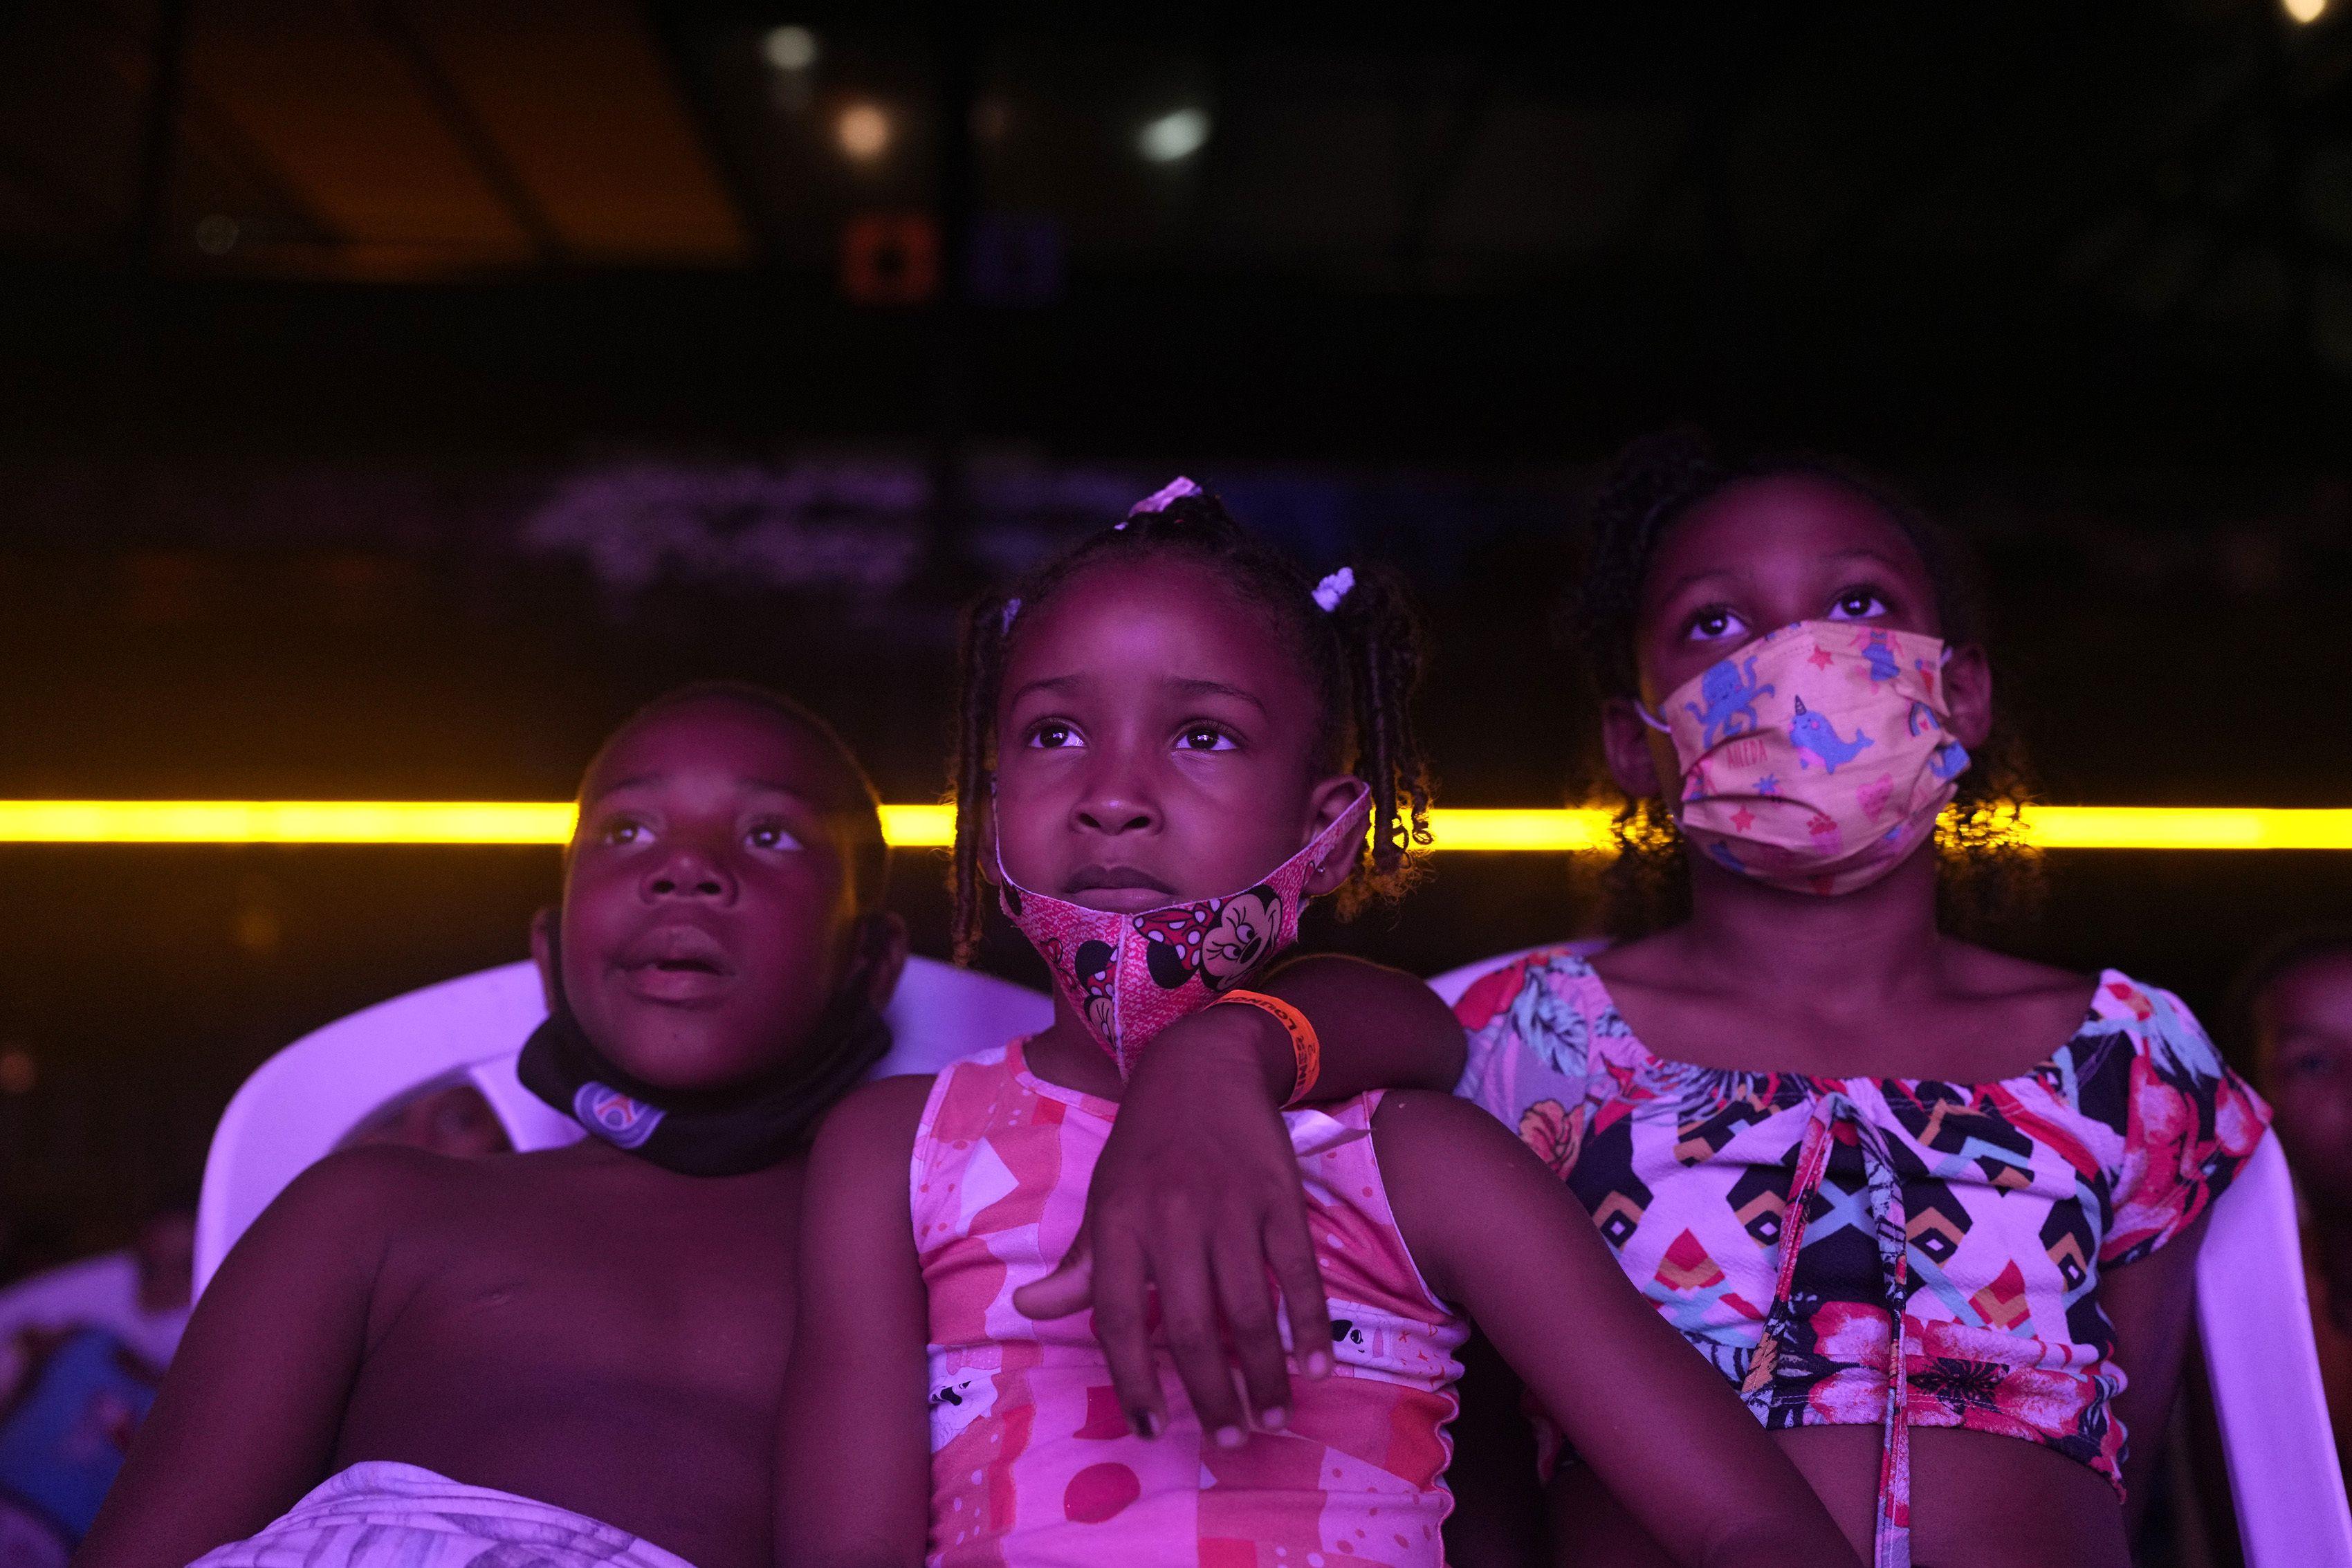 tras covid, cine gratis para ninos de las favelas de rio